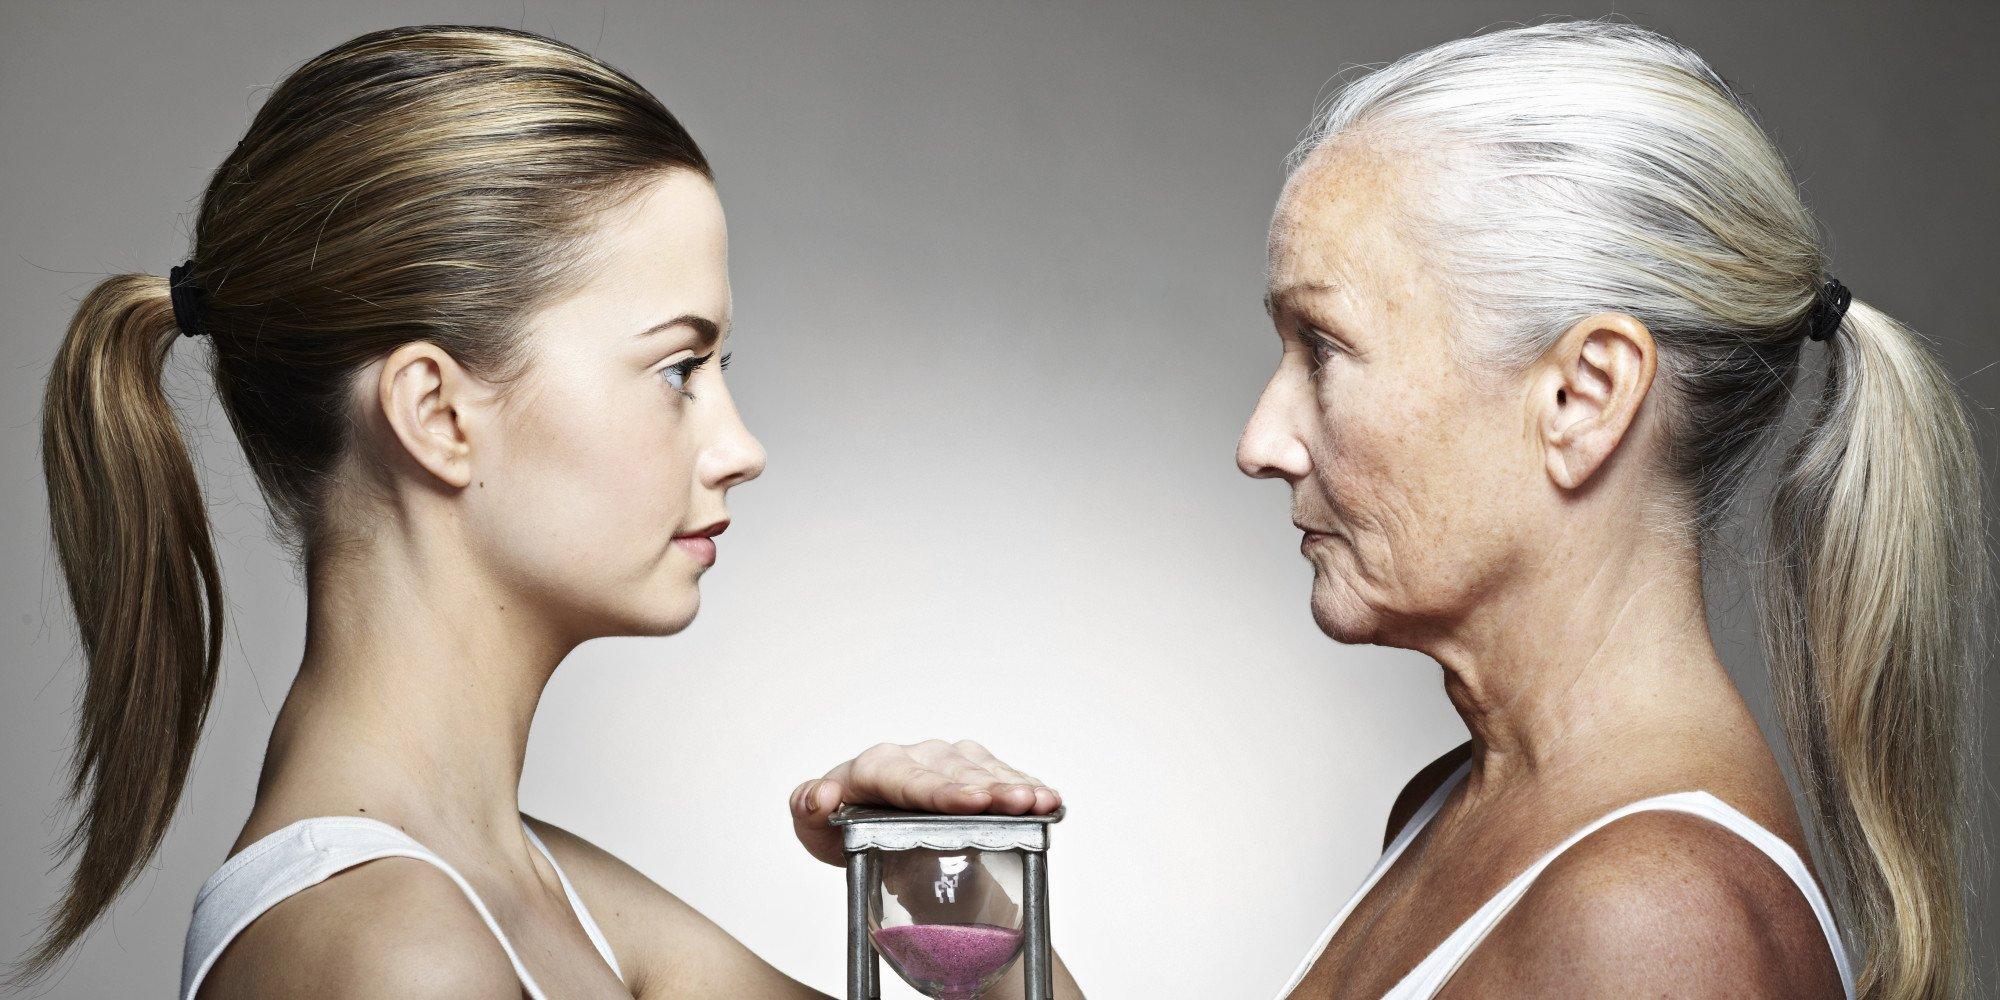 5 сигналов, которые указывают на быстрое старение организма